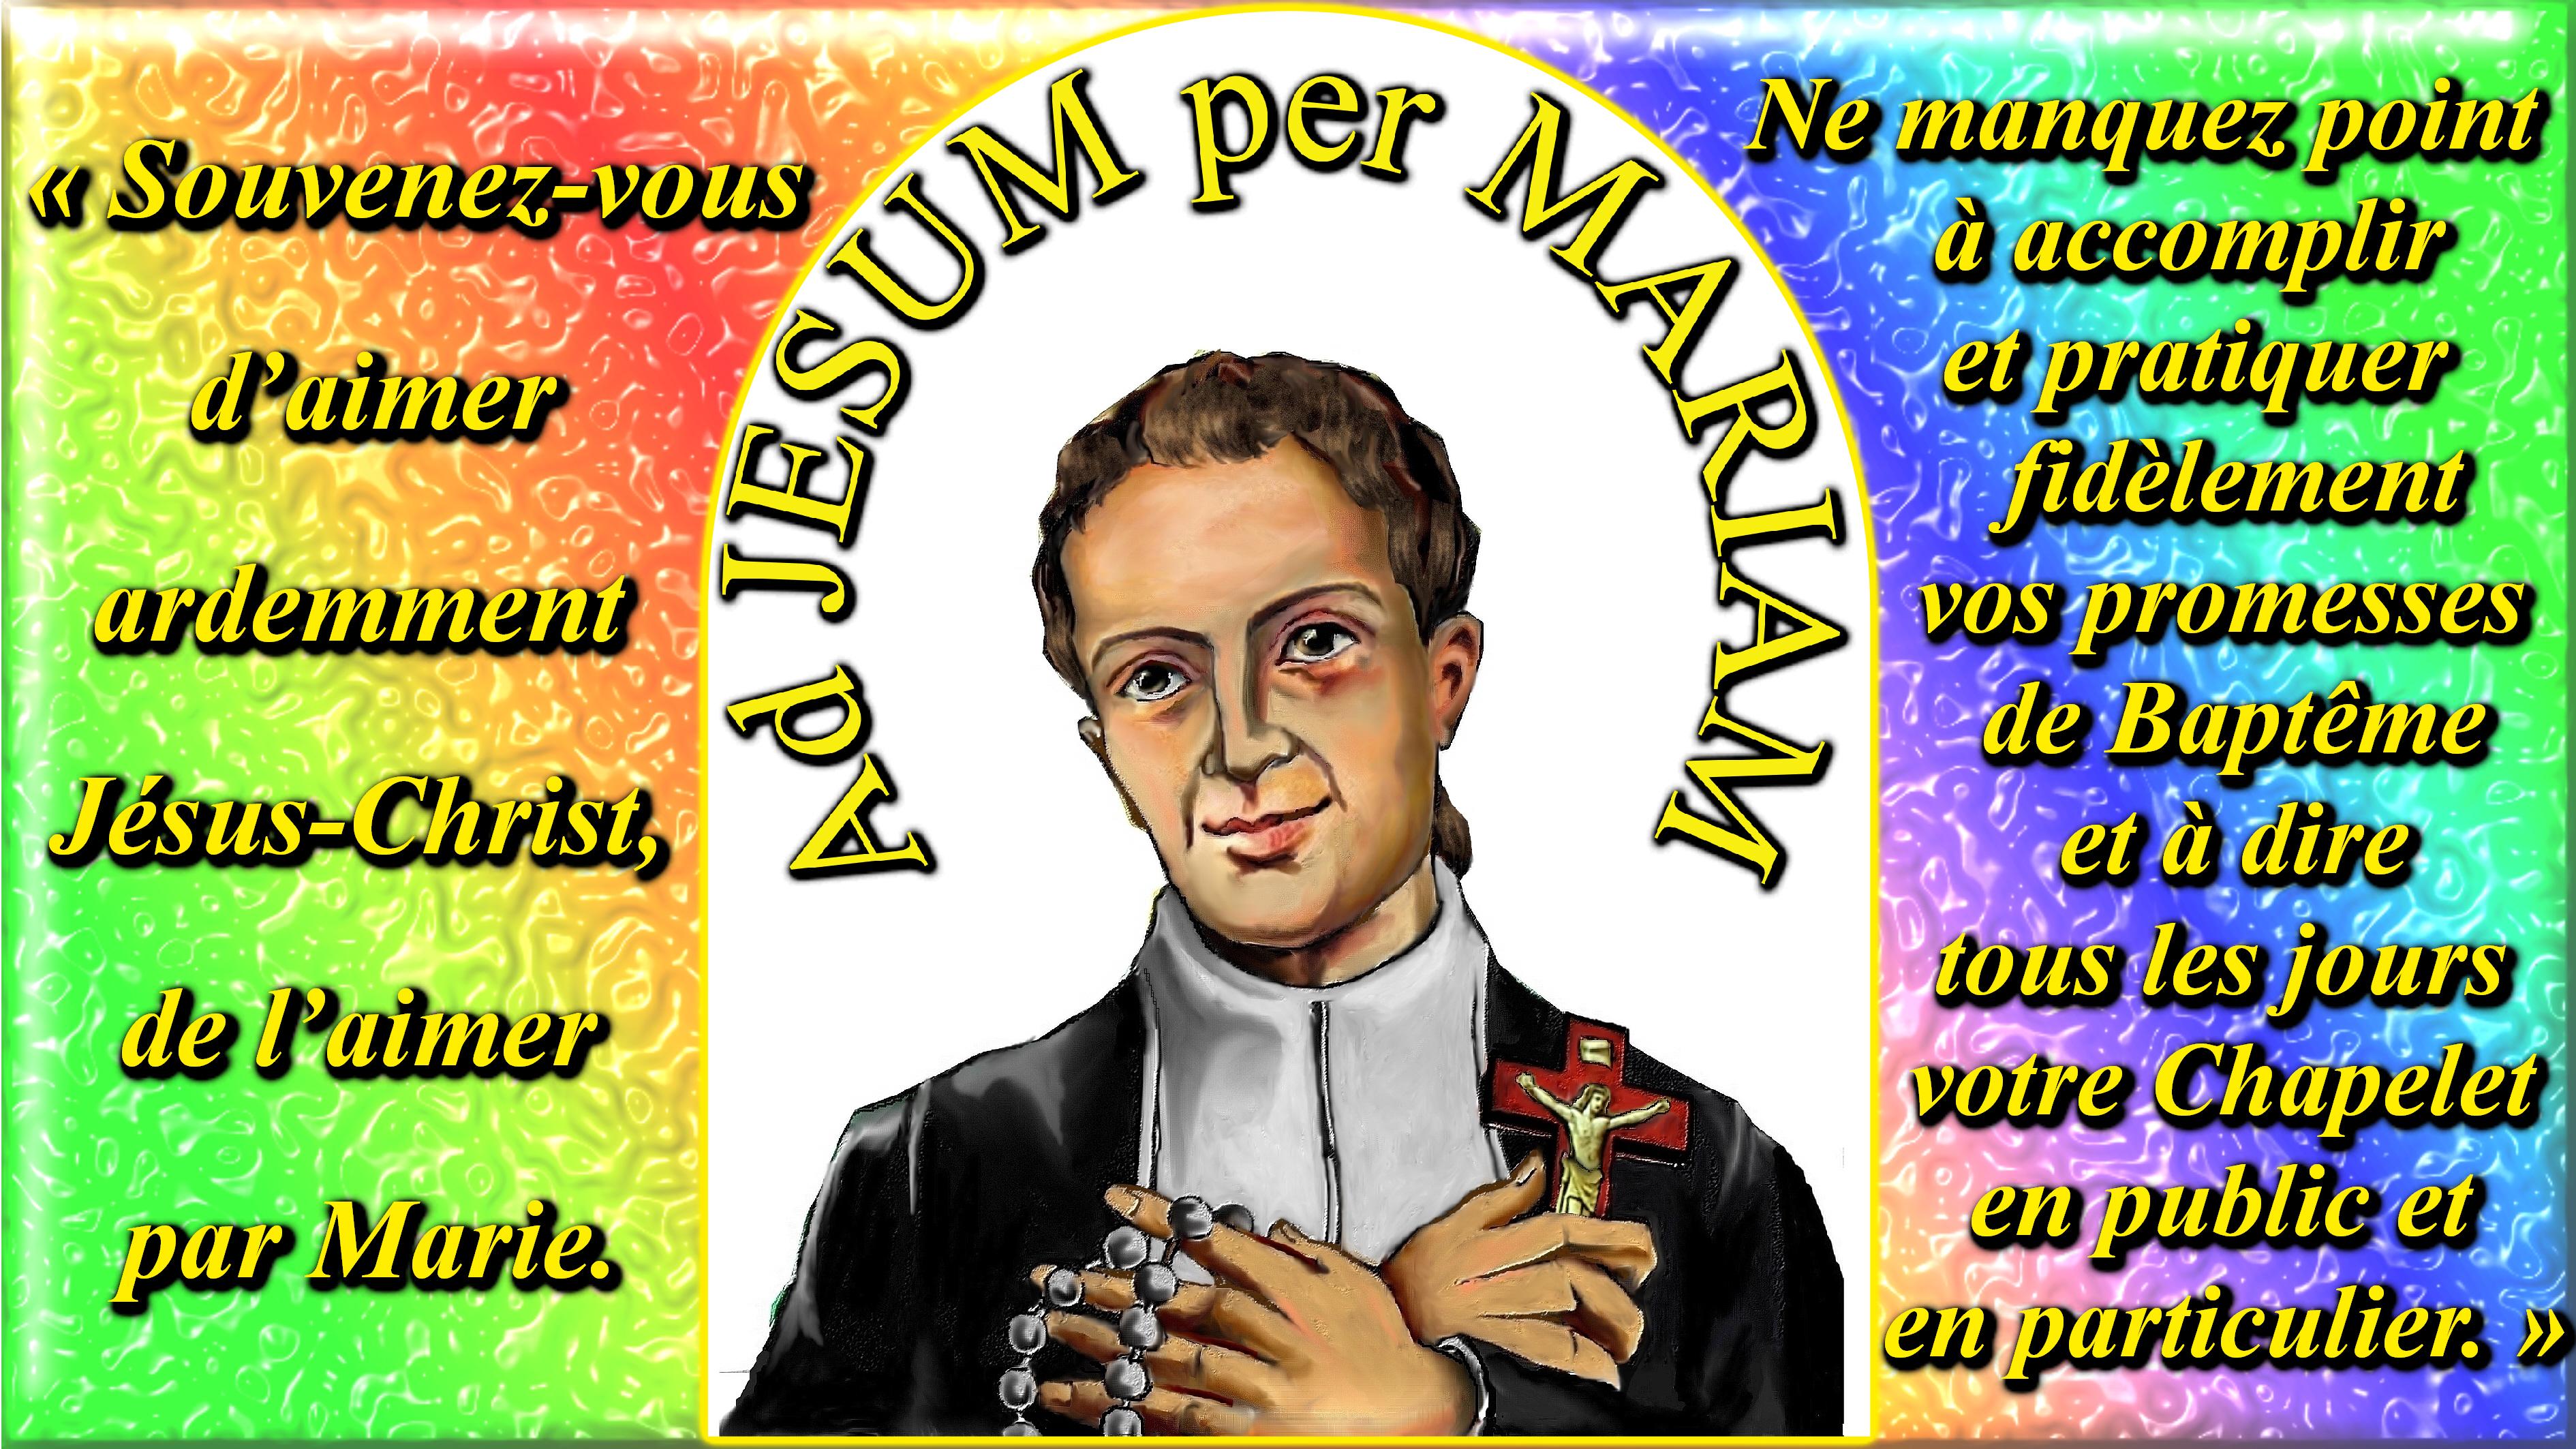 CALENDRIER CATHOLIQUE 2020 (Cantiques, Prières & Images) - Page 12 Ad-jesum-per-mari...ontfort--557cd1a